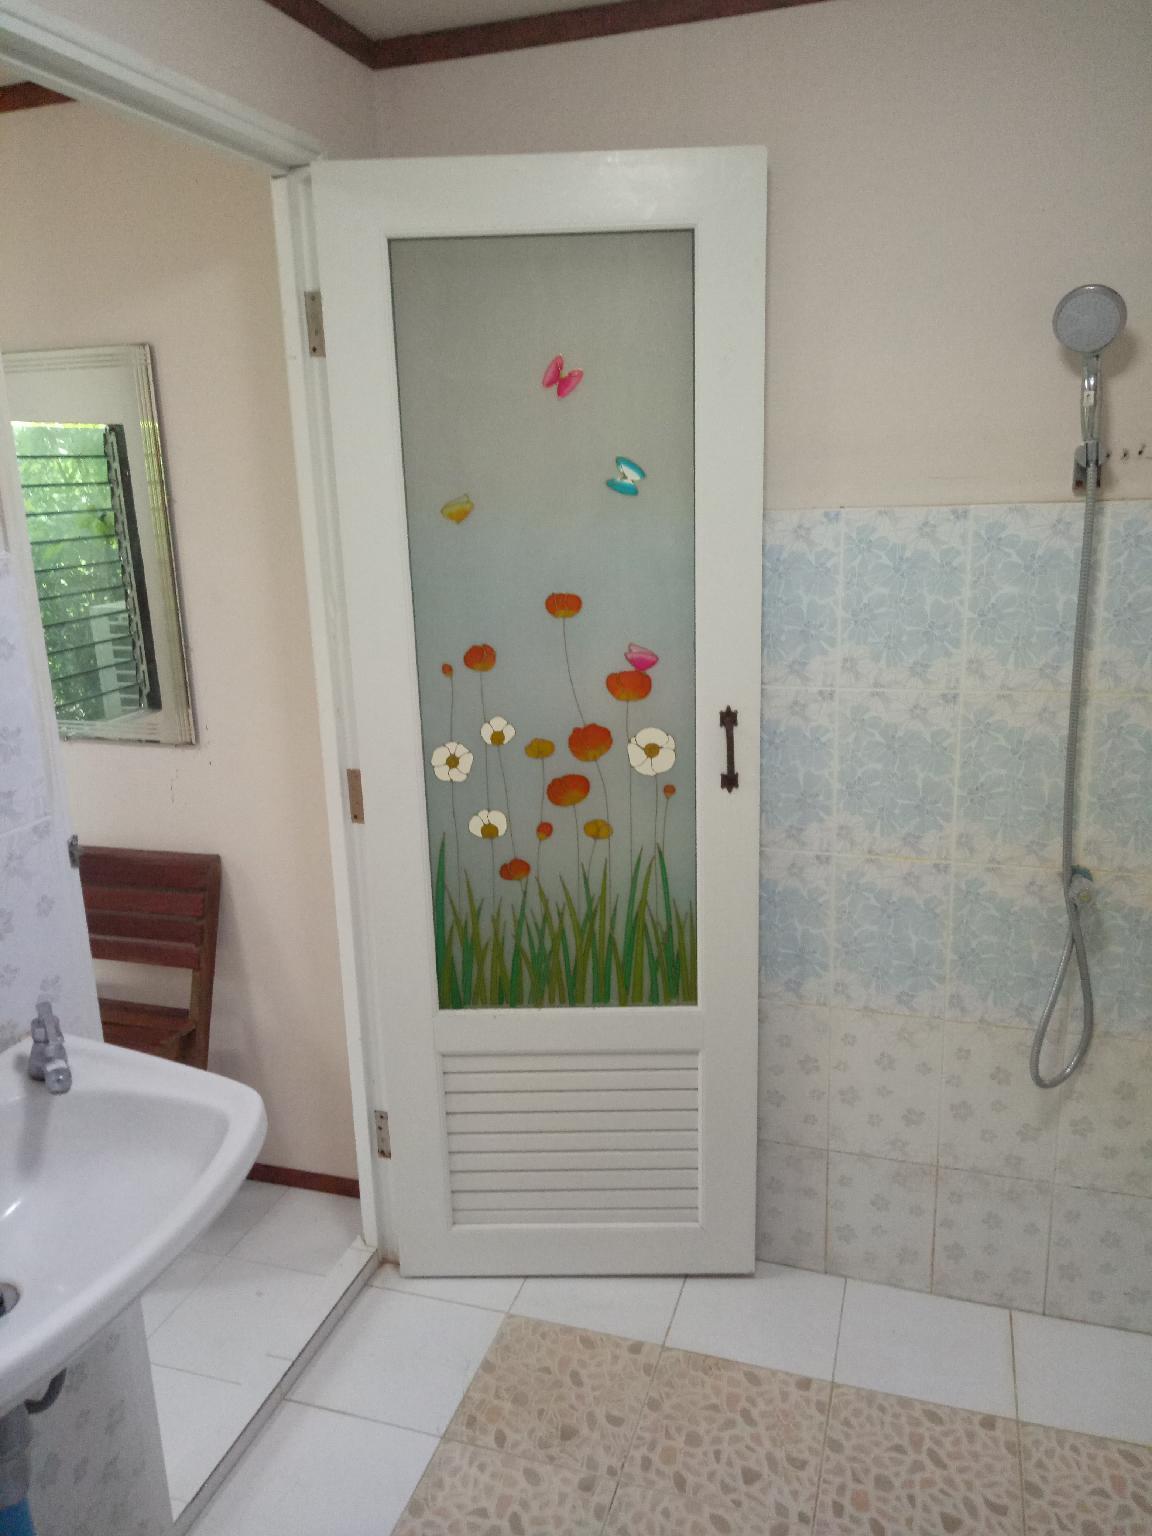 สตูดิโอ บังกะโล 1 ห้องน้ำส่วนตัว ขนาด 12 ตร.ม. – กลางเมืองฉะเชิงเทรา